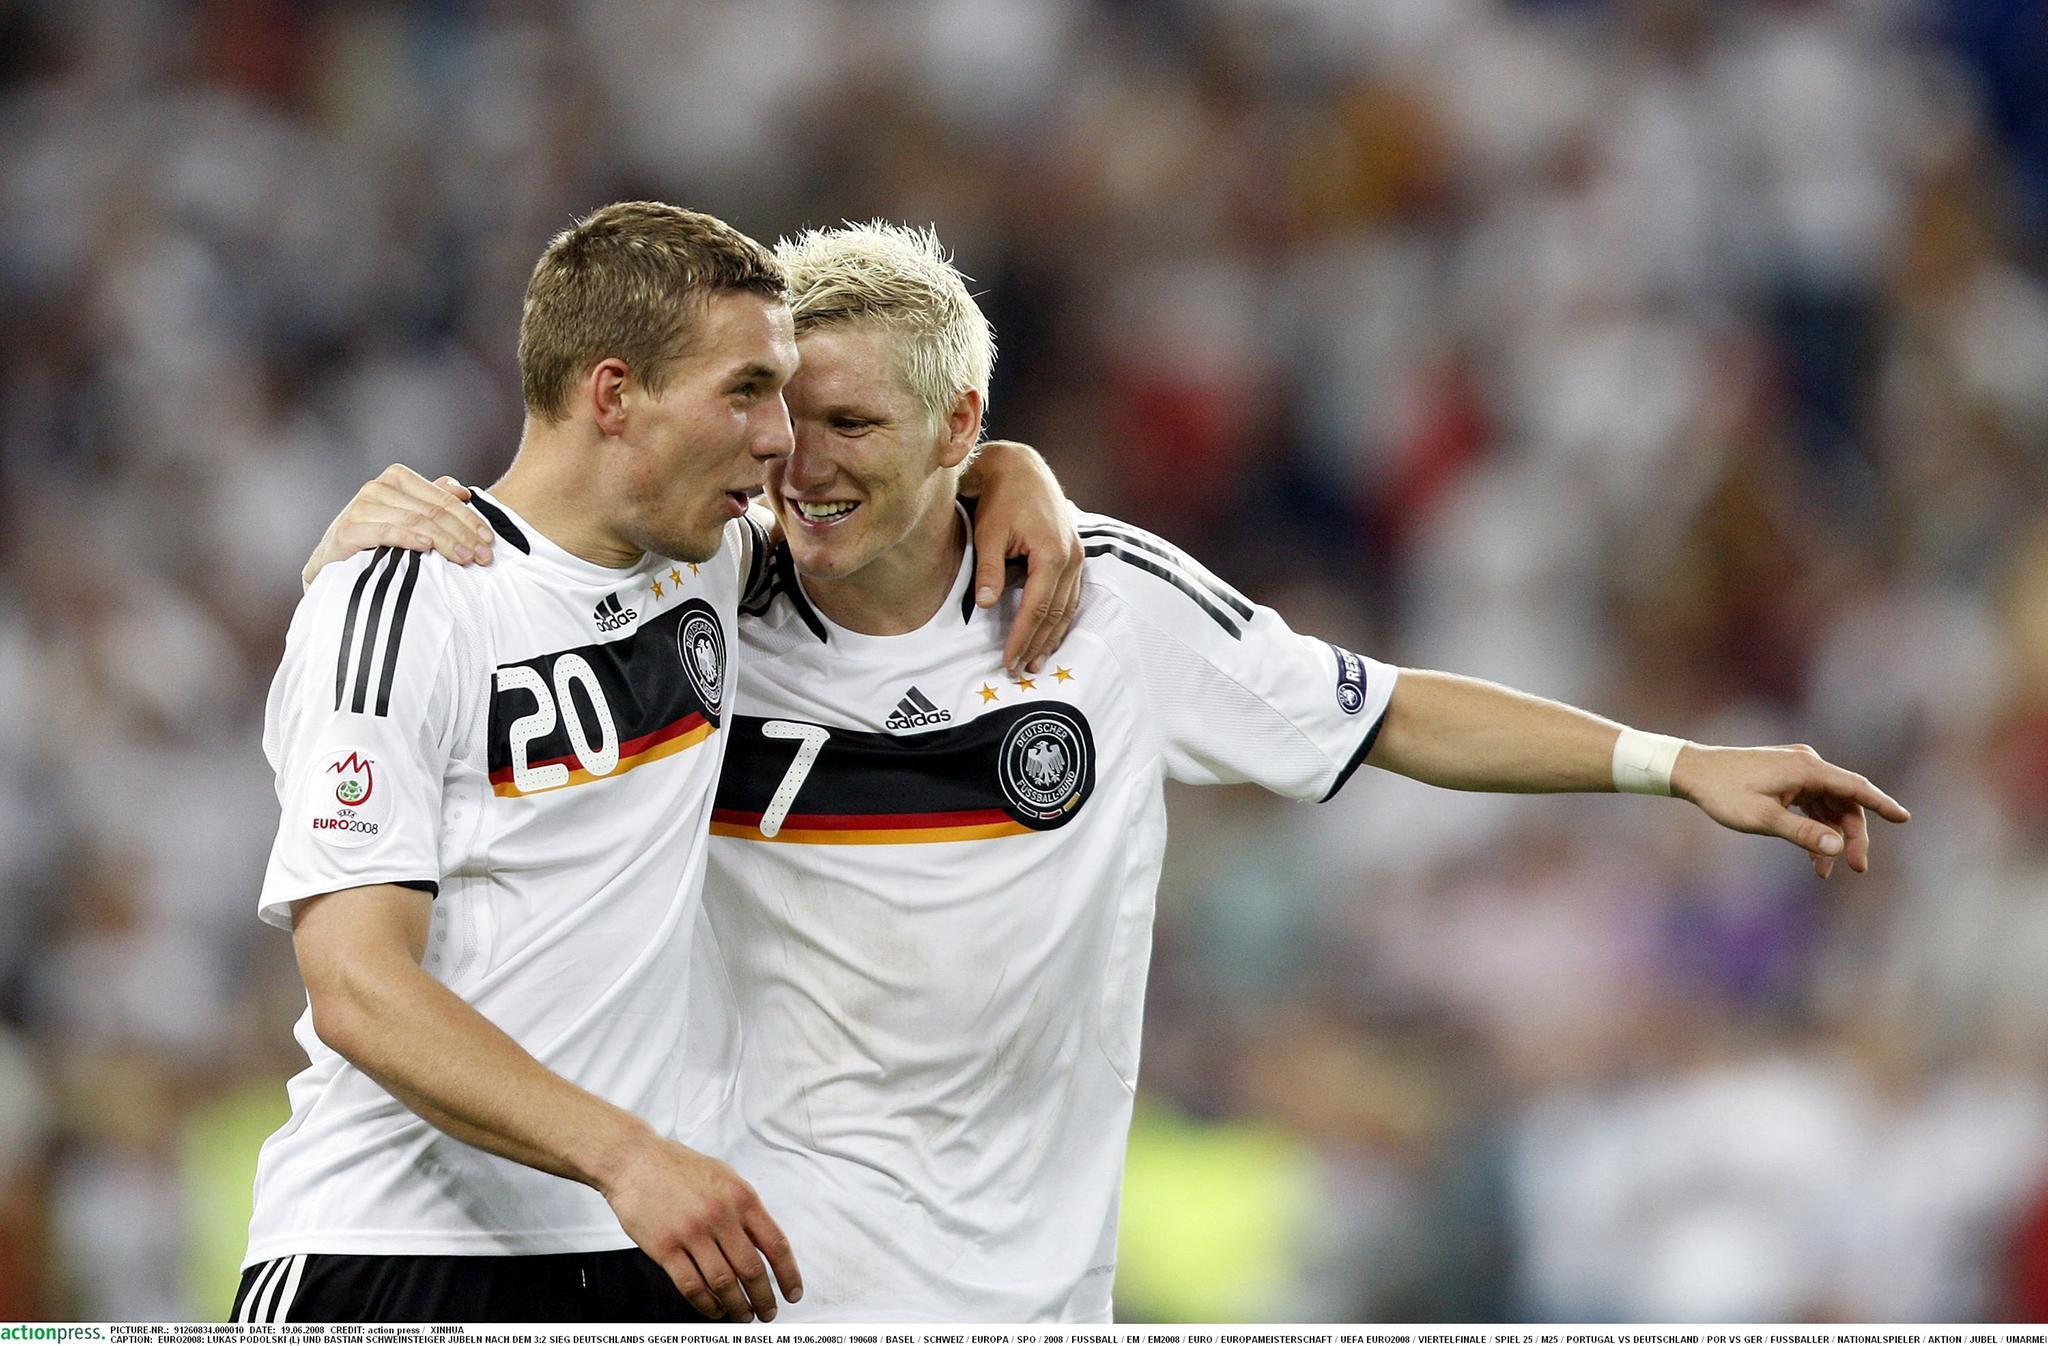 """Unzertrennlich: """"Schweini"""" und """"Poldi"""" in der Fußball-Nationalmannschaft. 2006 freuen sie sich gegen einen 3:2-Sieg gegen Portugal bei der EM 2008"""